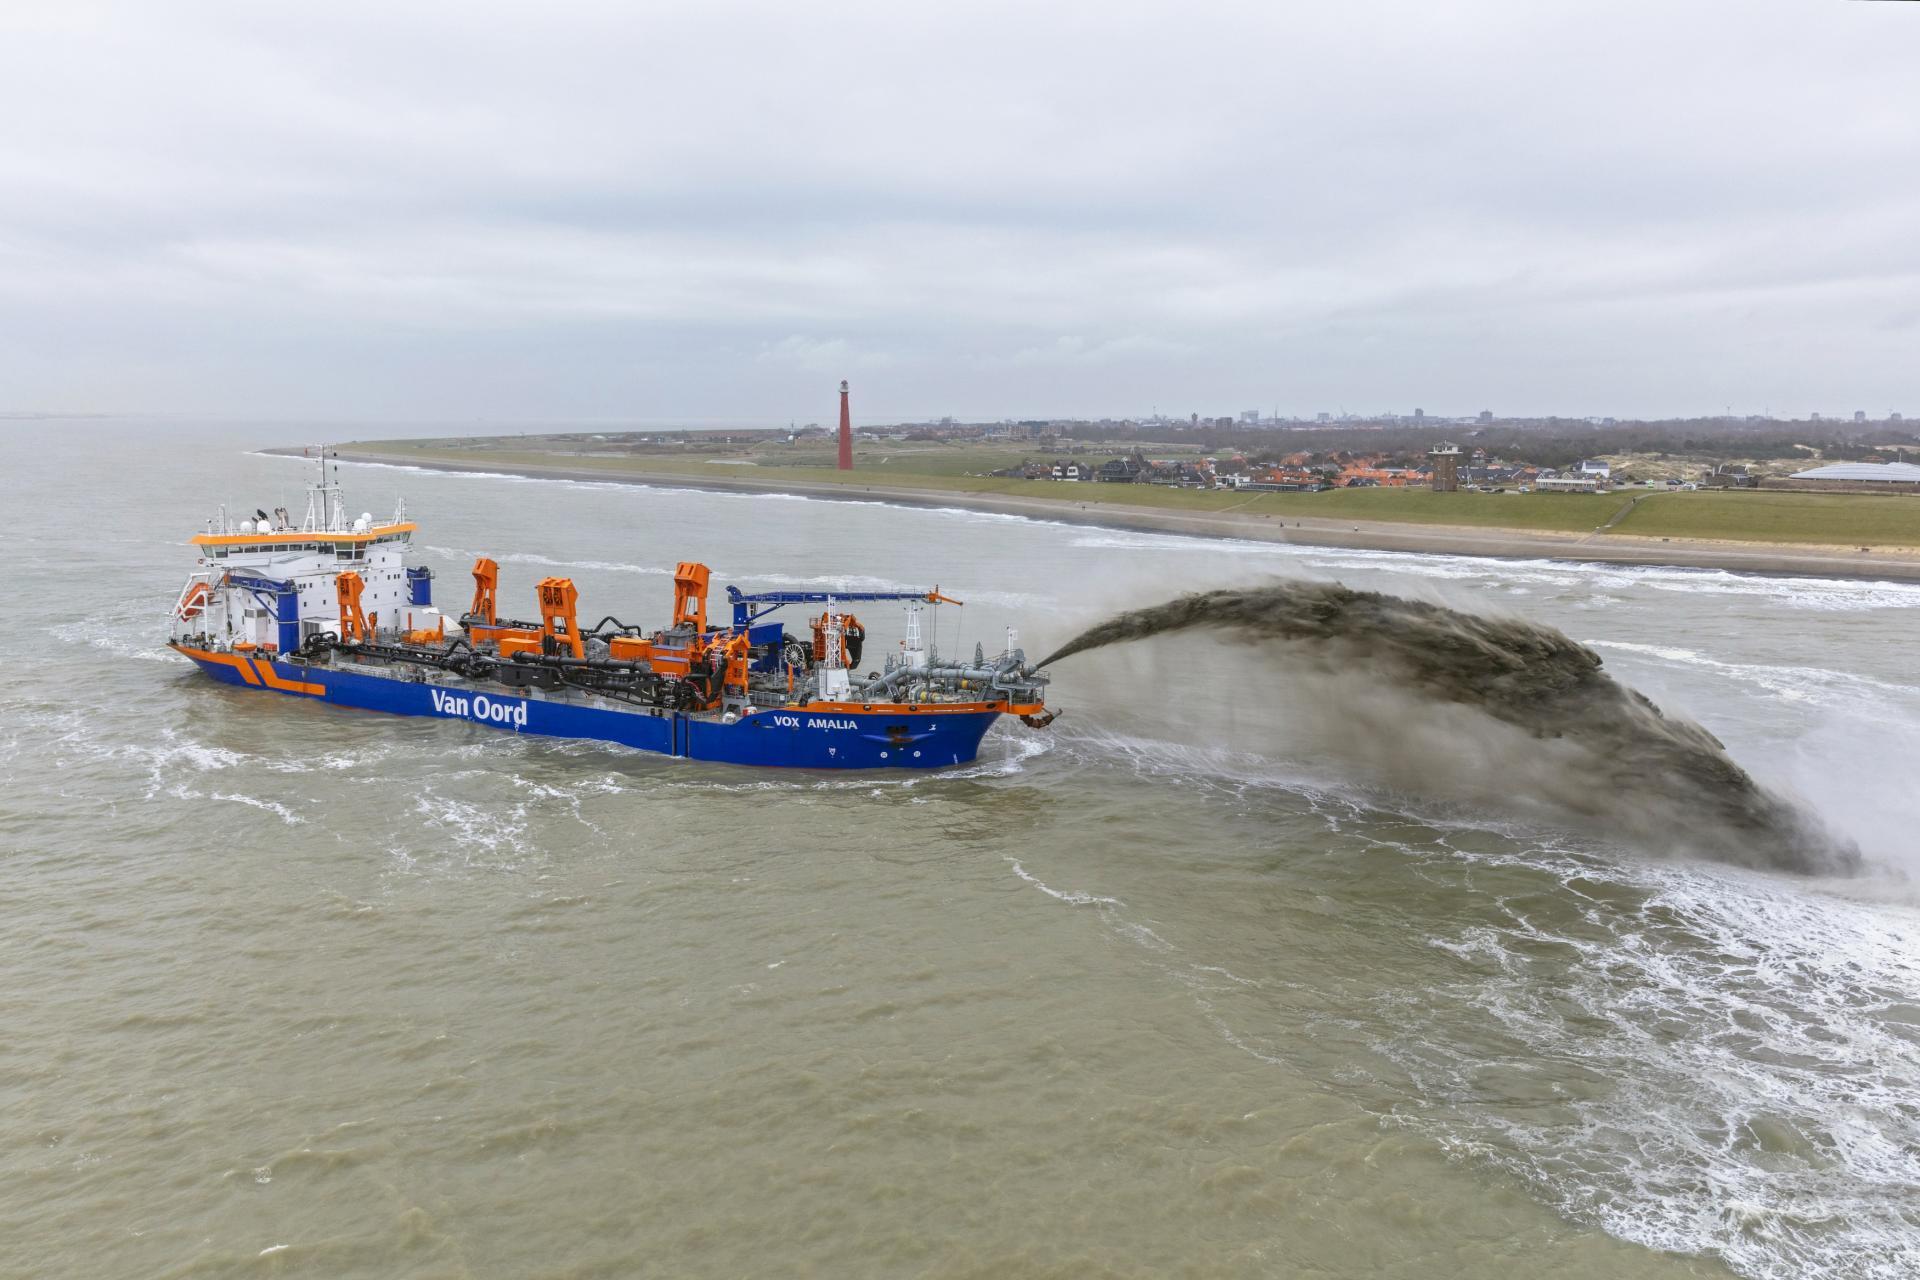 De Vox Amalia op de Noordzee voor Huisduinen. Op de achtergrond de vuurtoren Lange Jaap. (Foto Van Oord)